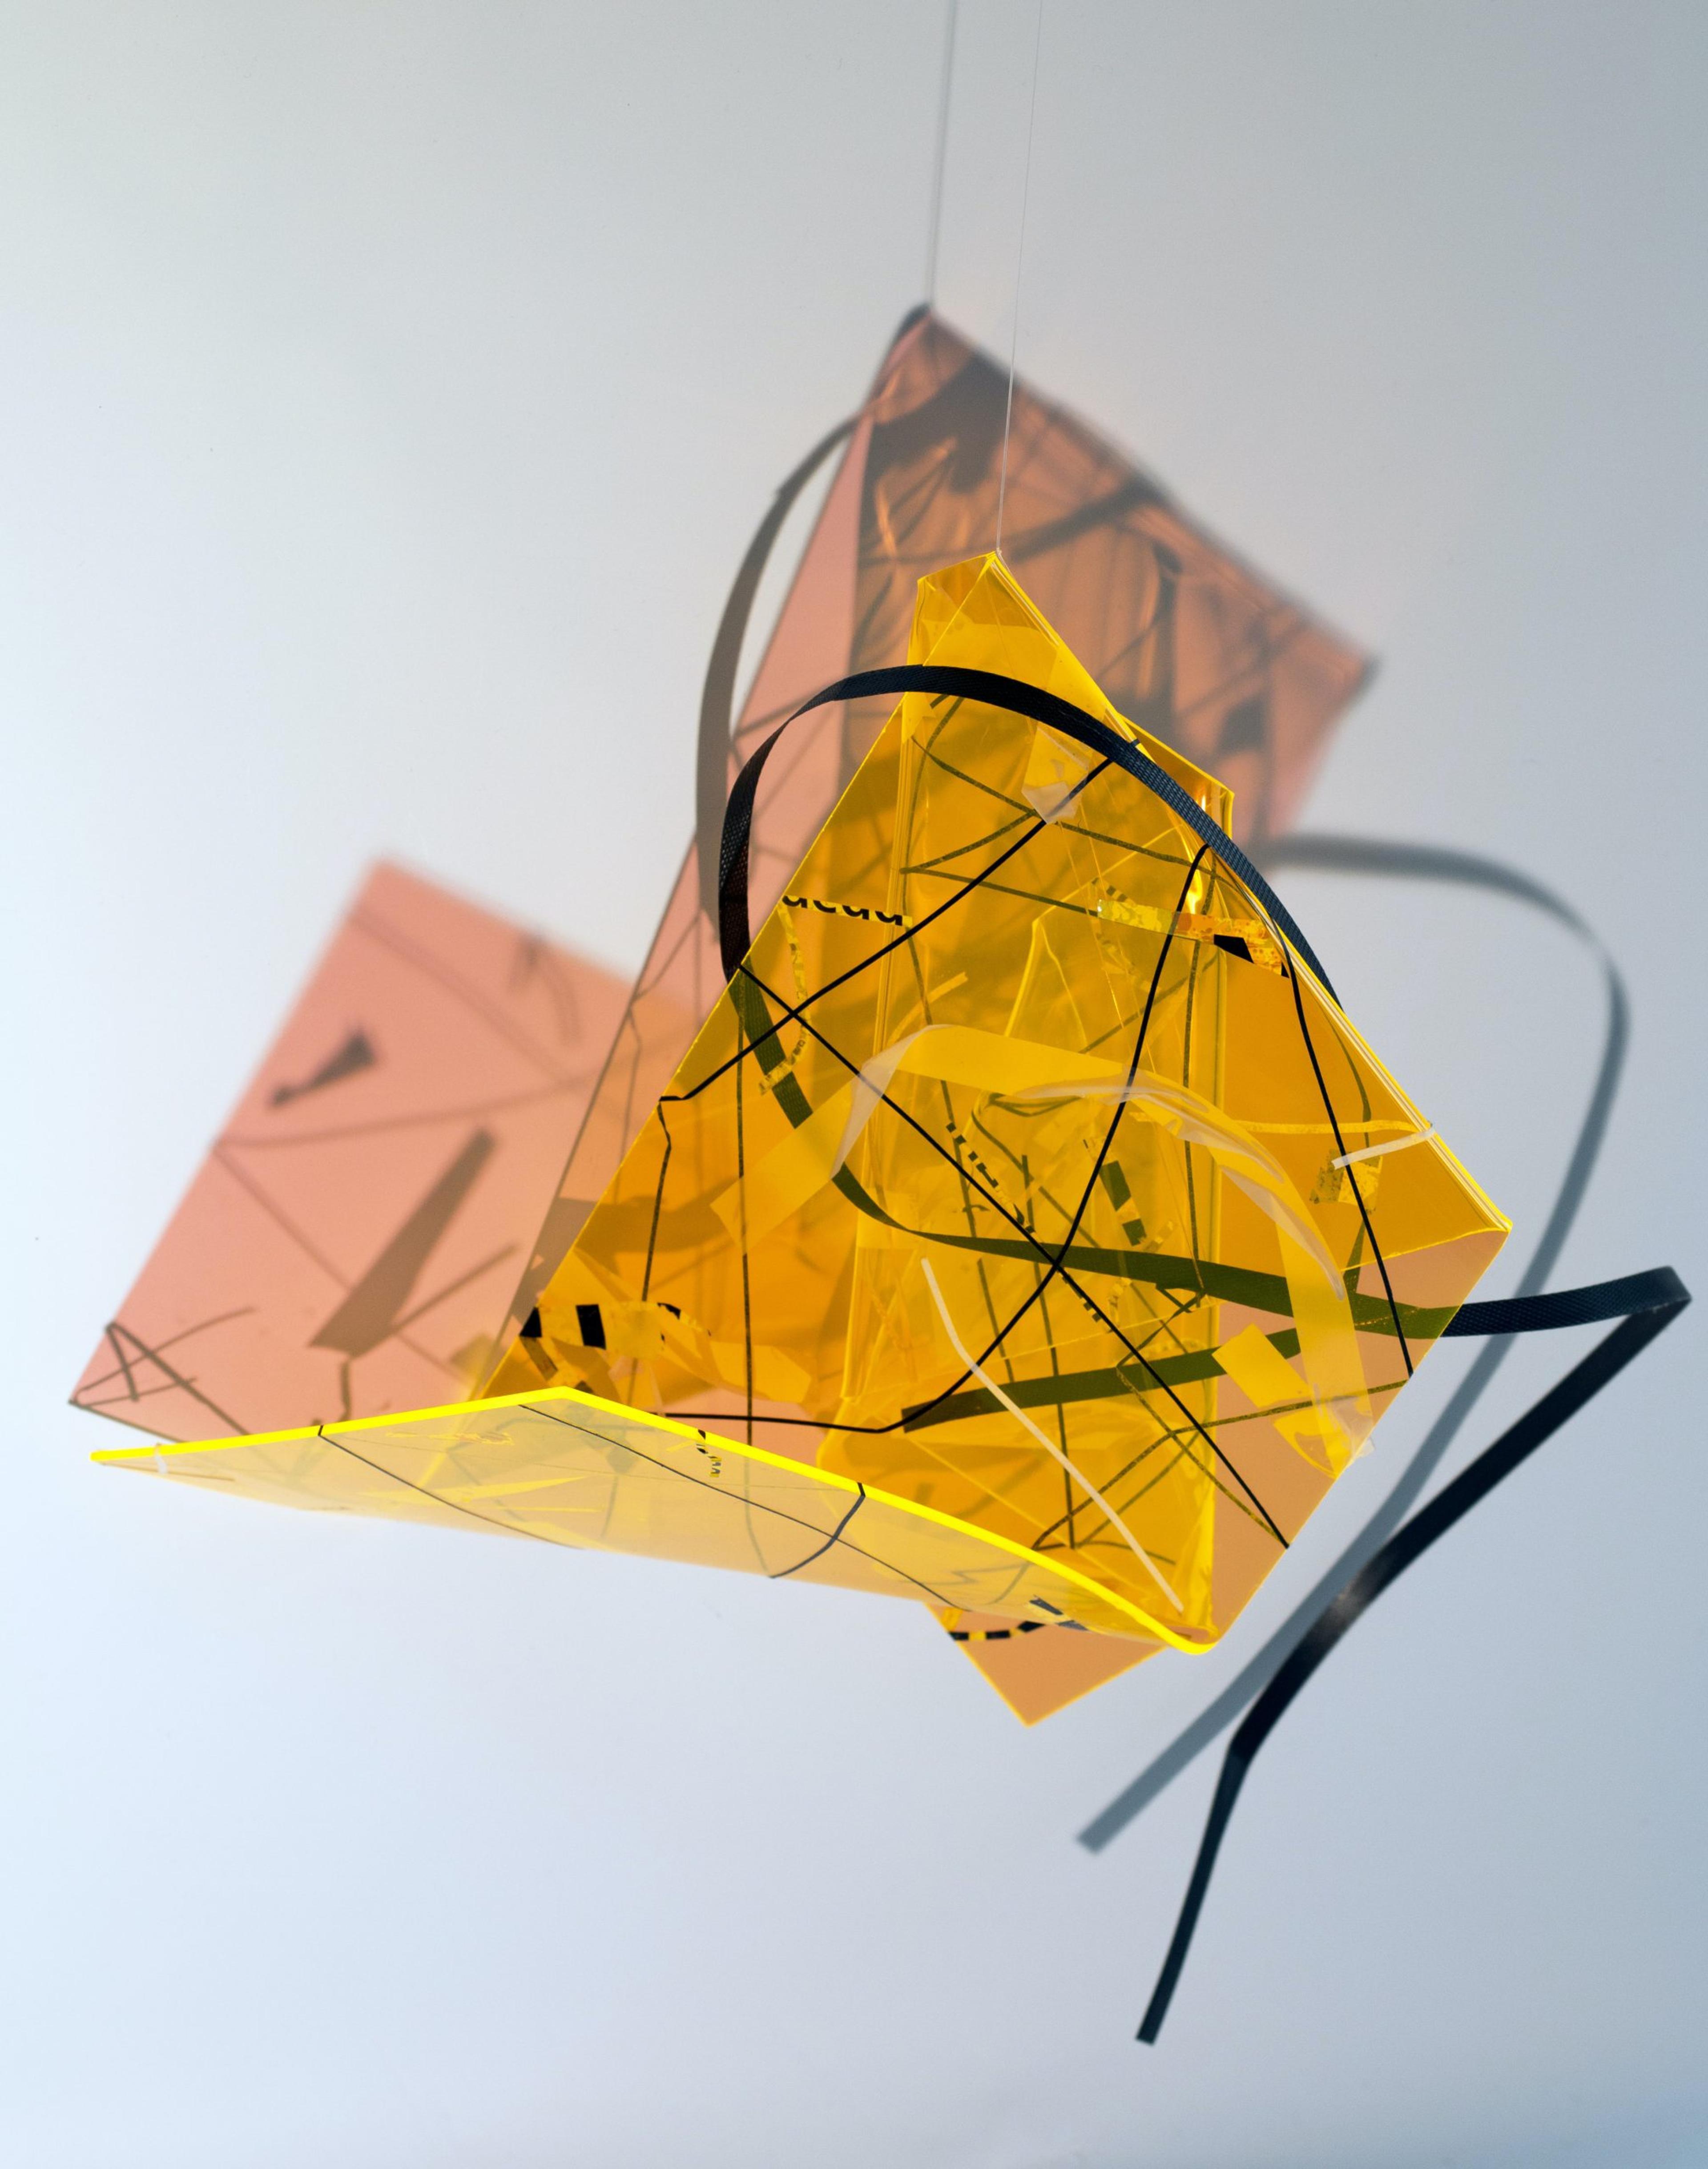 artwork Raum_Zeit_Falte #2 by Gabriele Walter